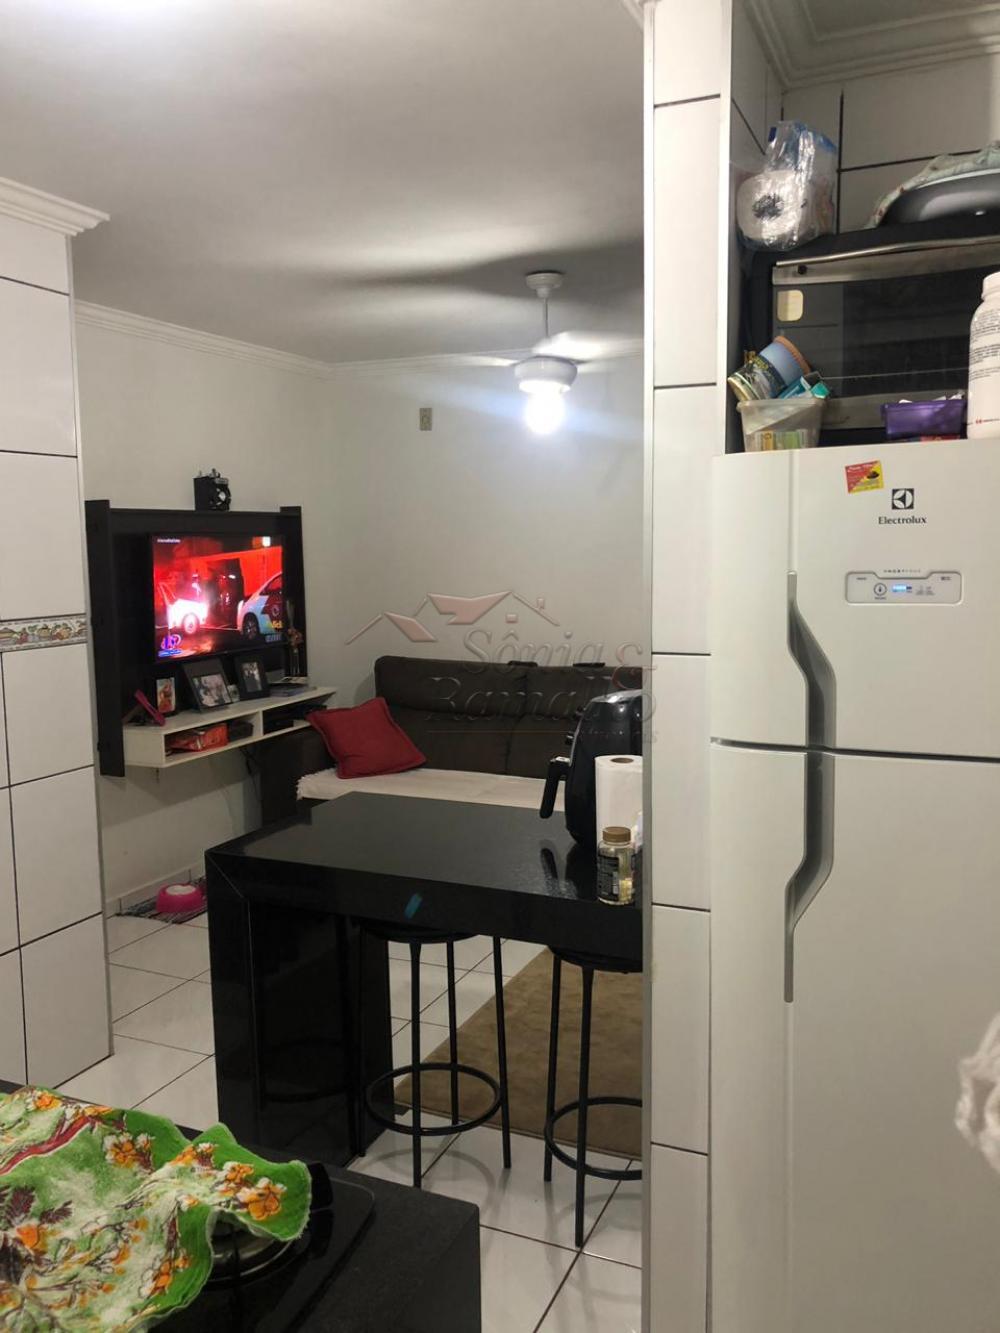 Comprar Apartamentos / Padrão em Ribeirão Preto apenas R$ 110.000,00 - Foto 3